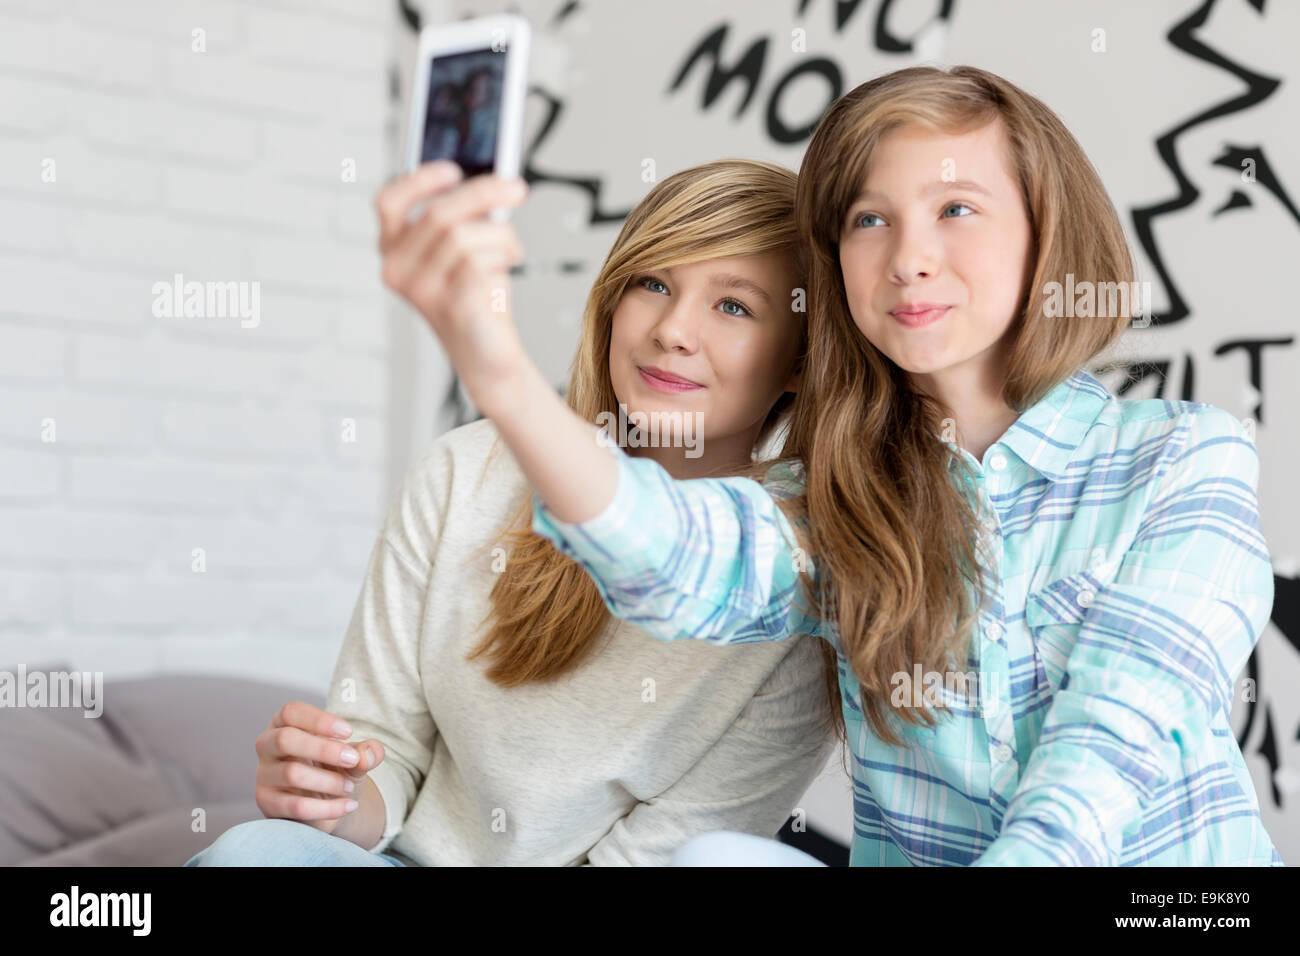 Nette Schwestern fotografieren mit Ihrem Smartphone zu Hause Stockbild